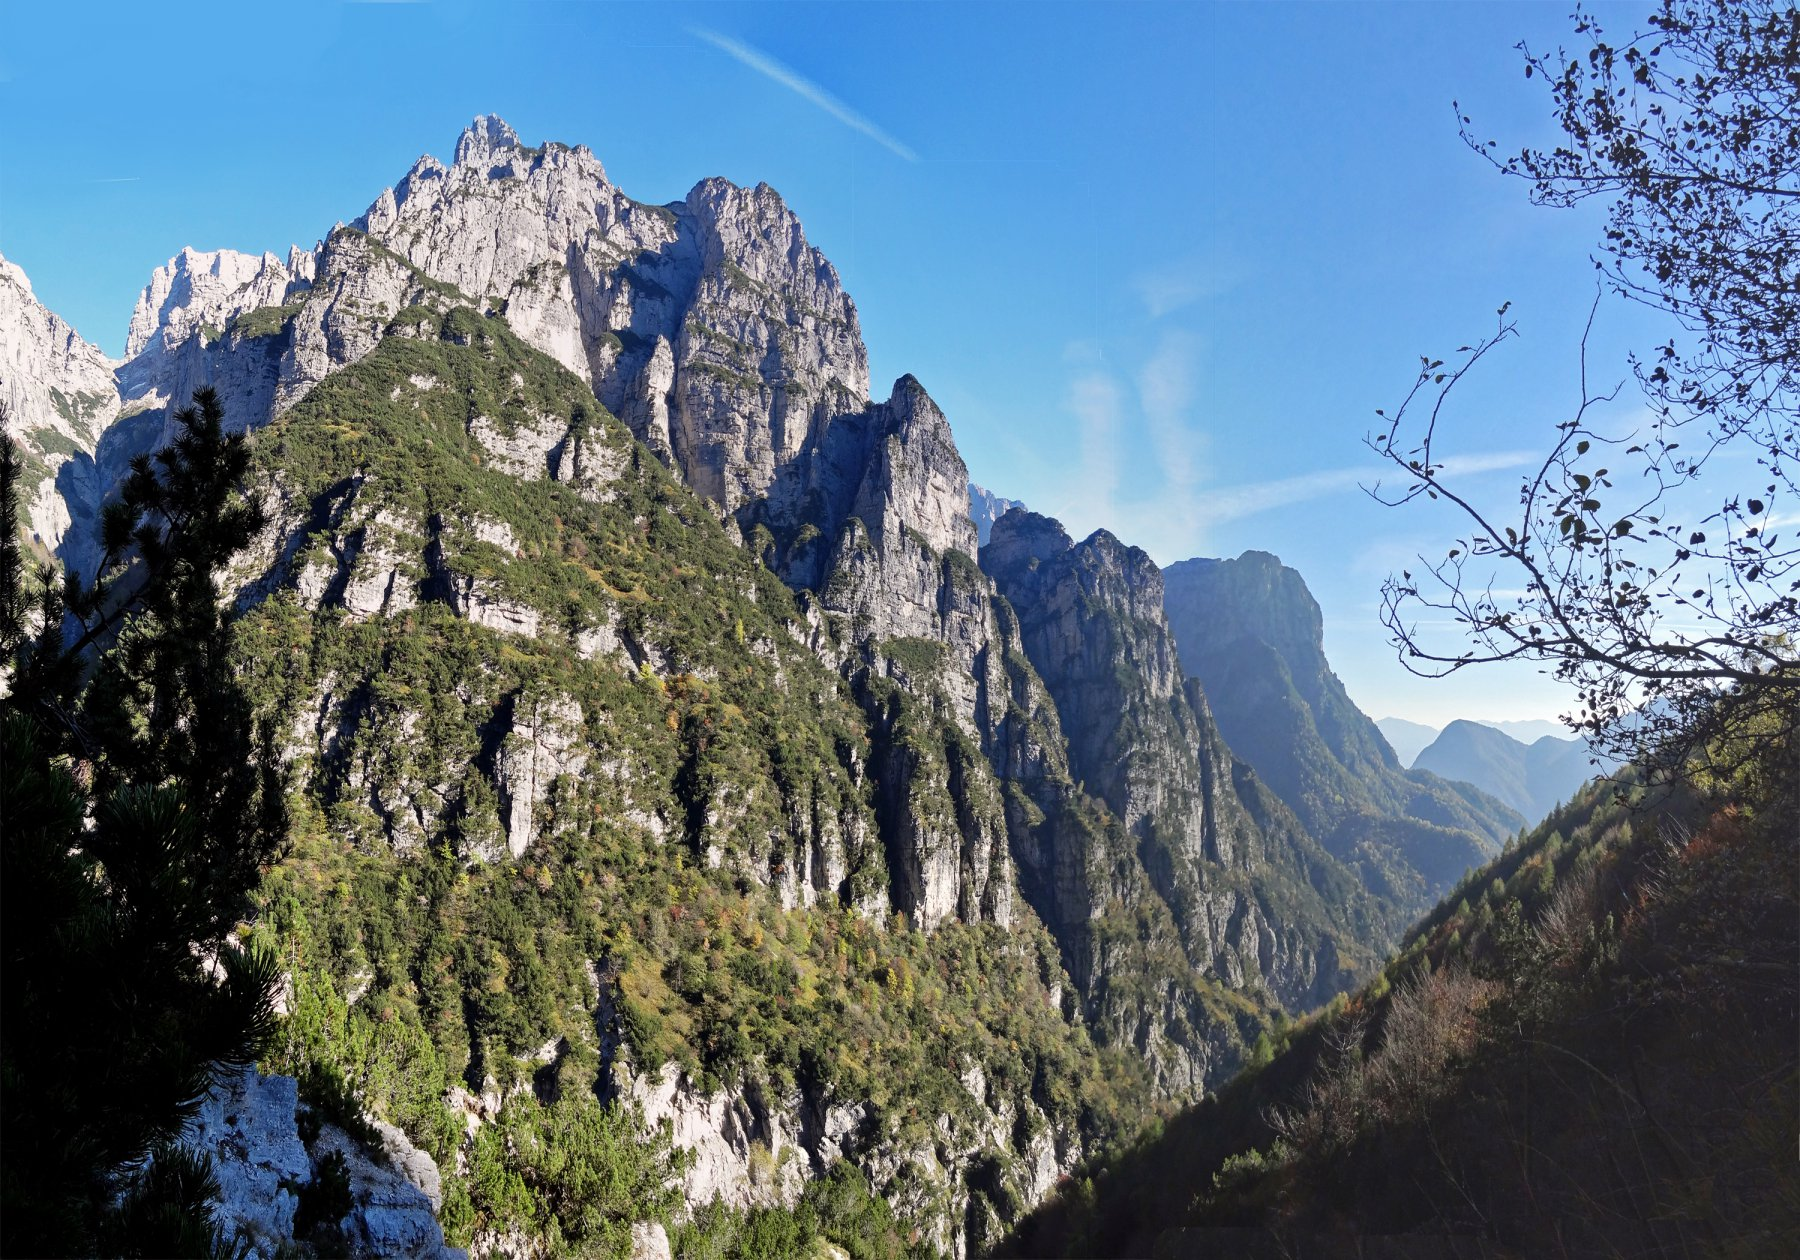 Ferùch (Cima est dei) Via normale dal Lago del Mis 2015-10-22